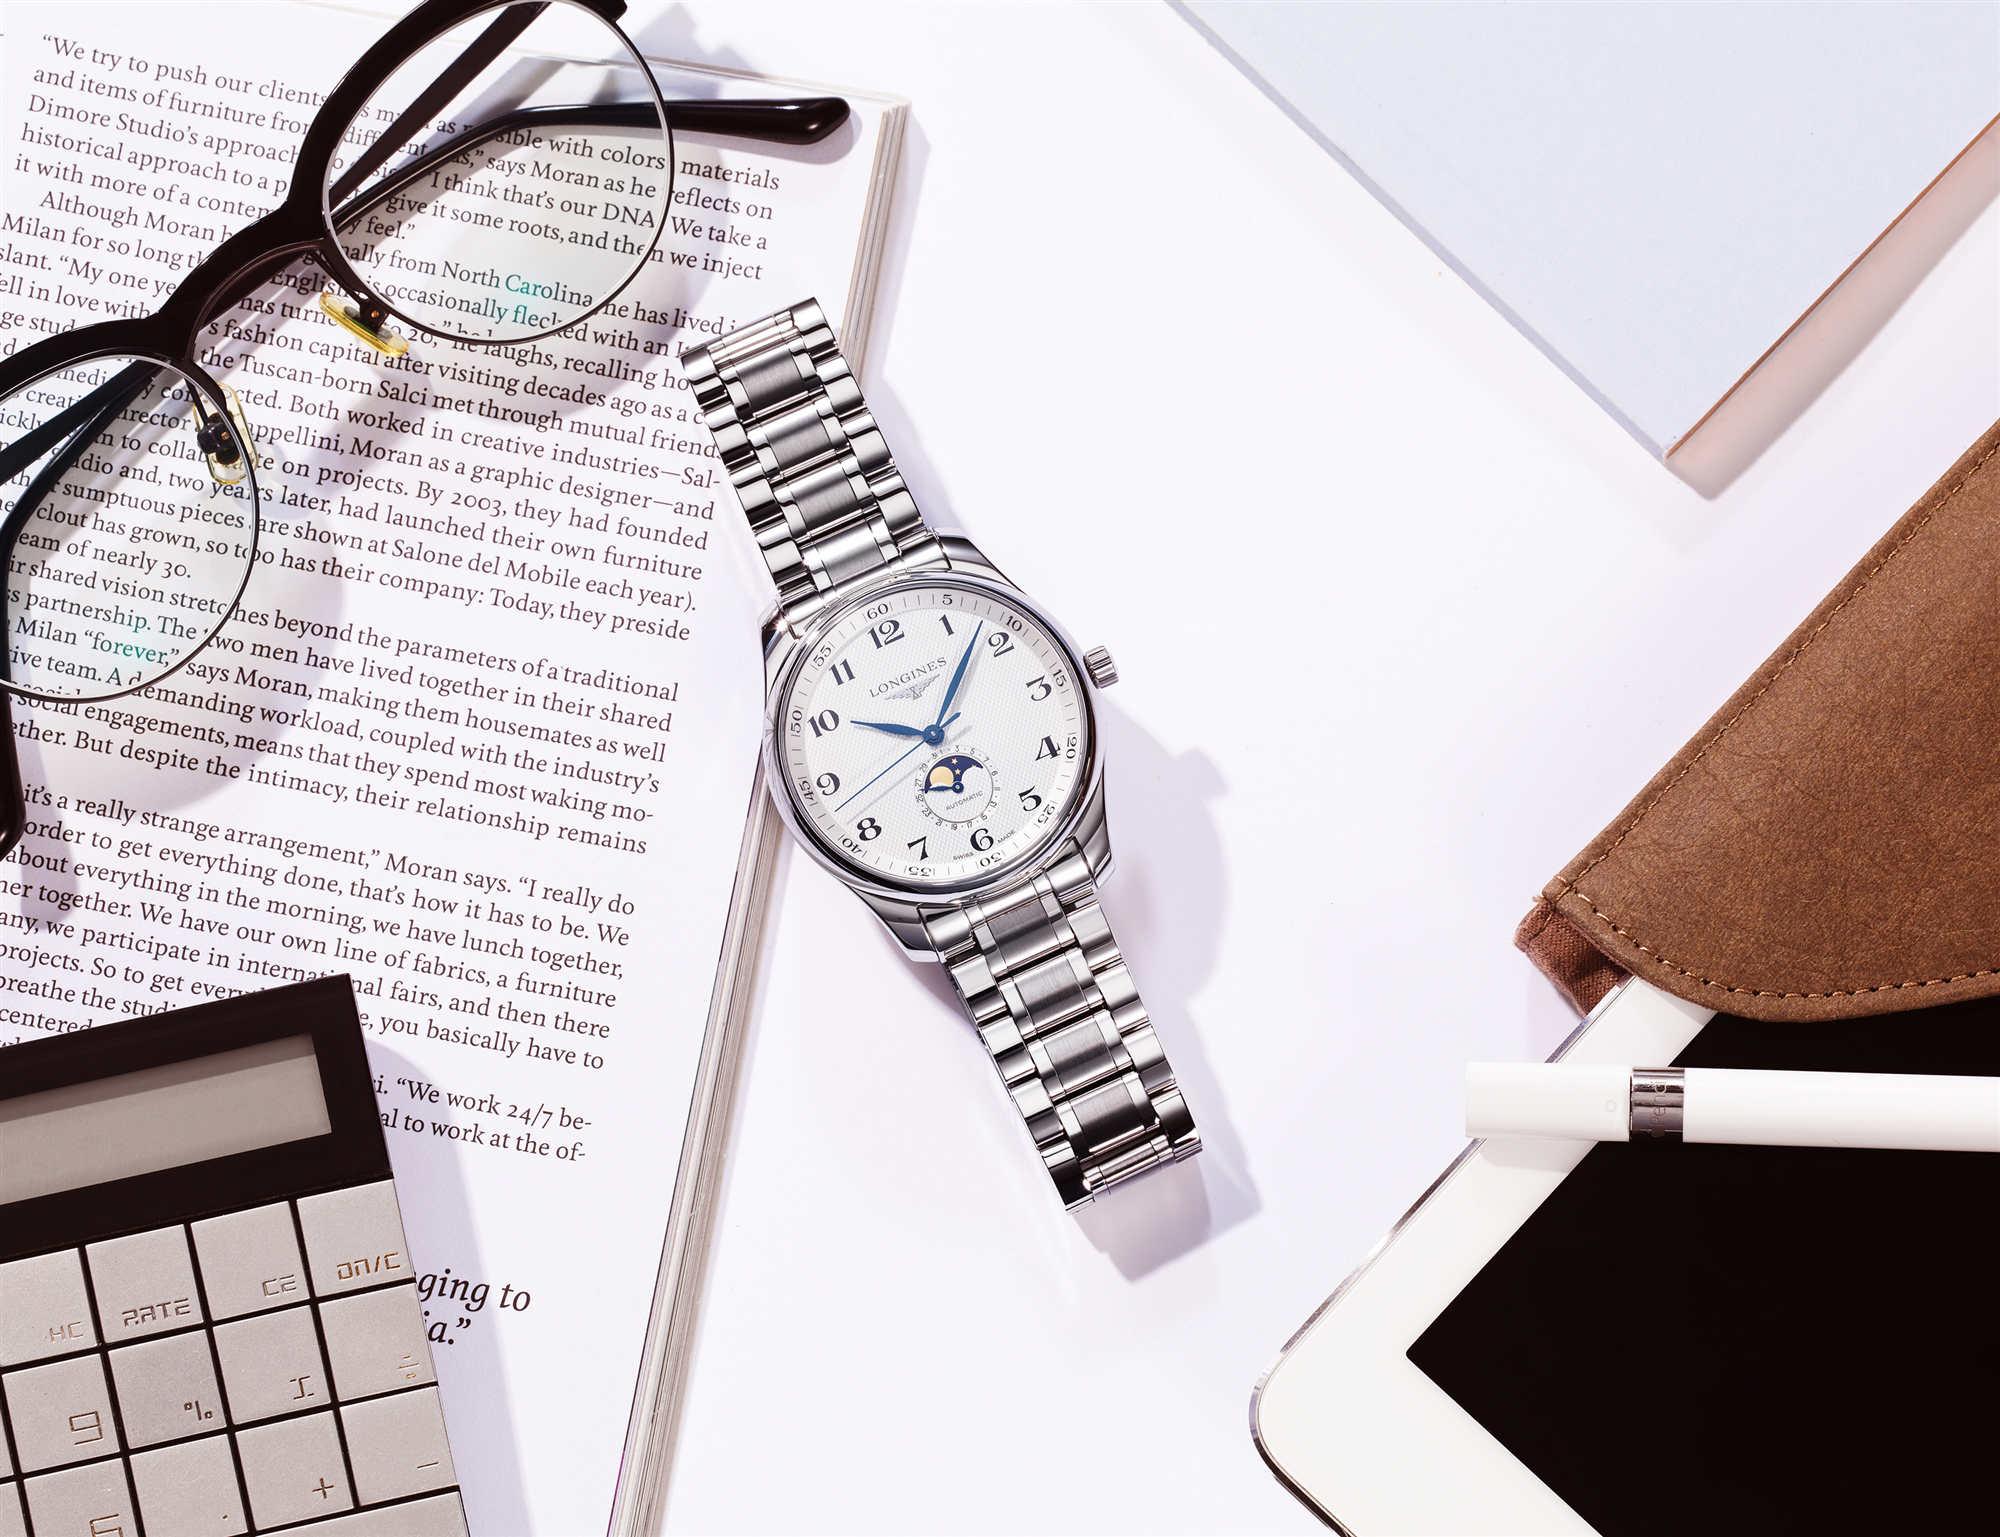 浪琴表甄选优雅腕表,打造职业自信风范